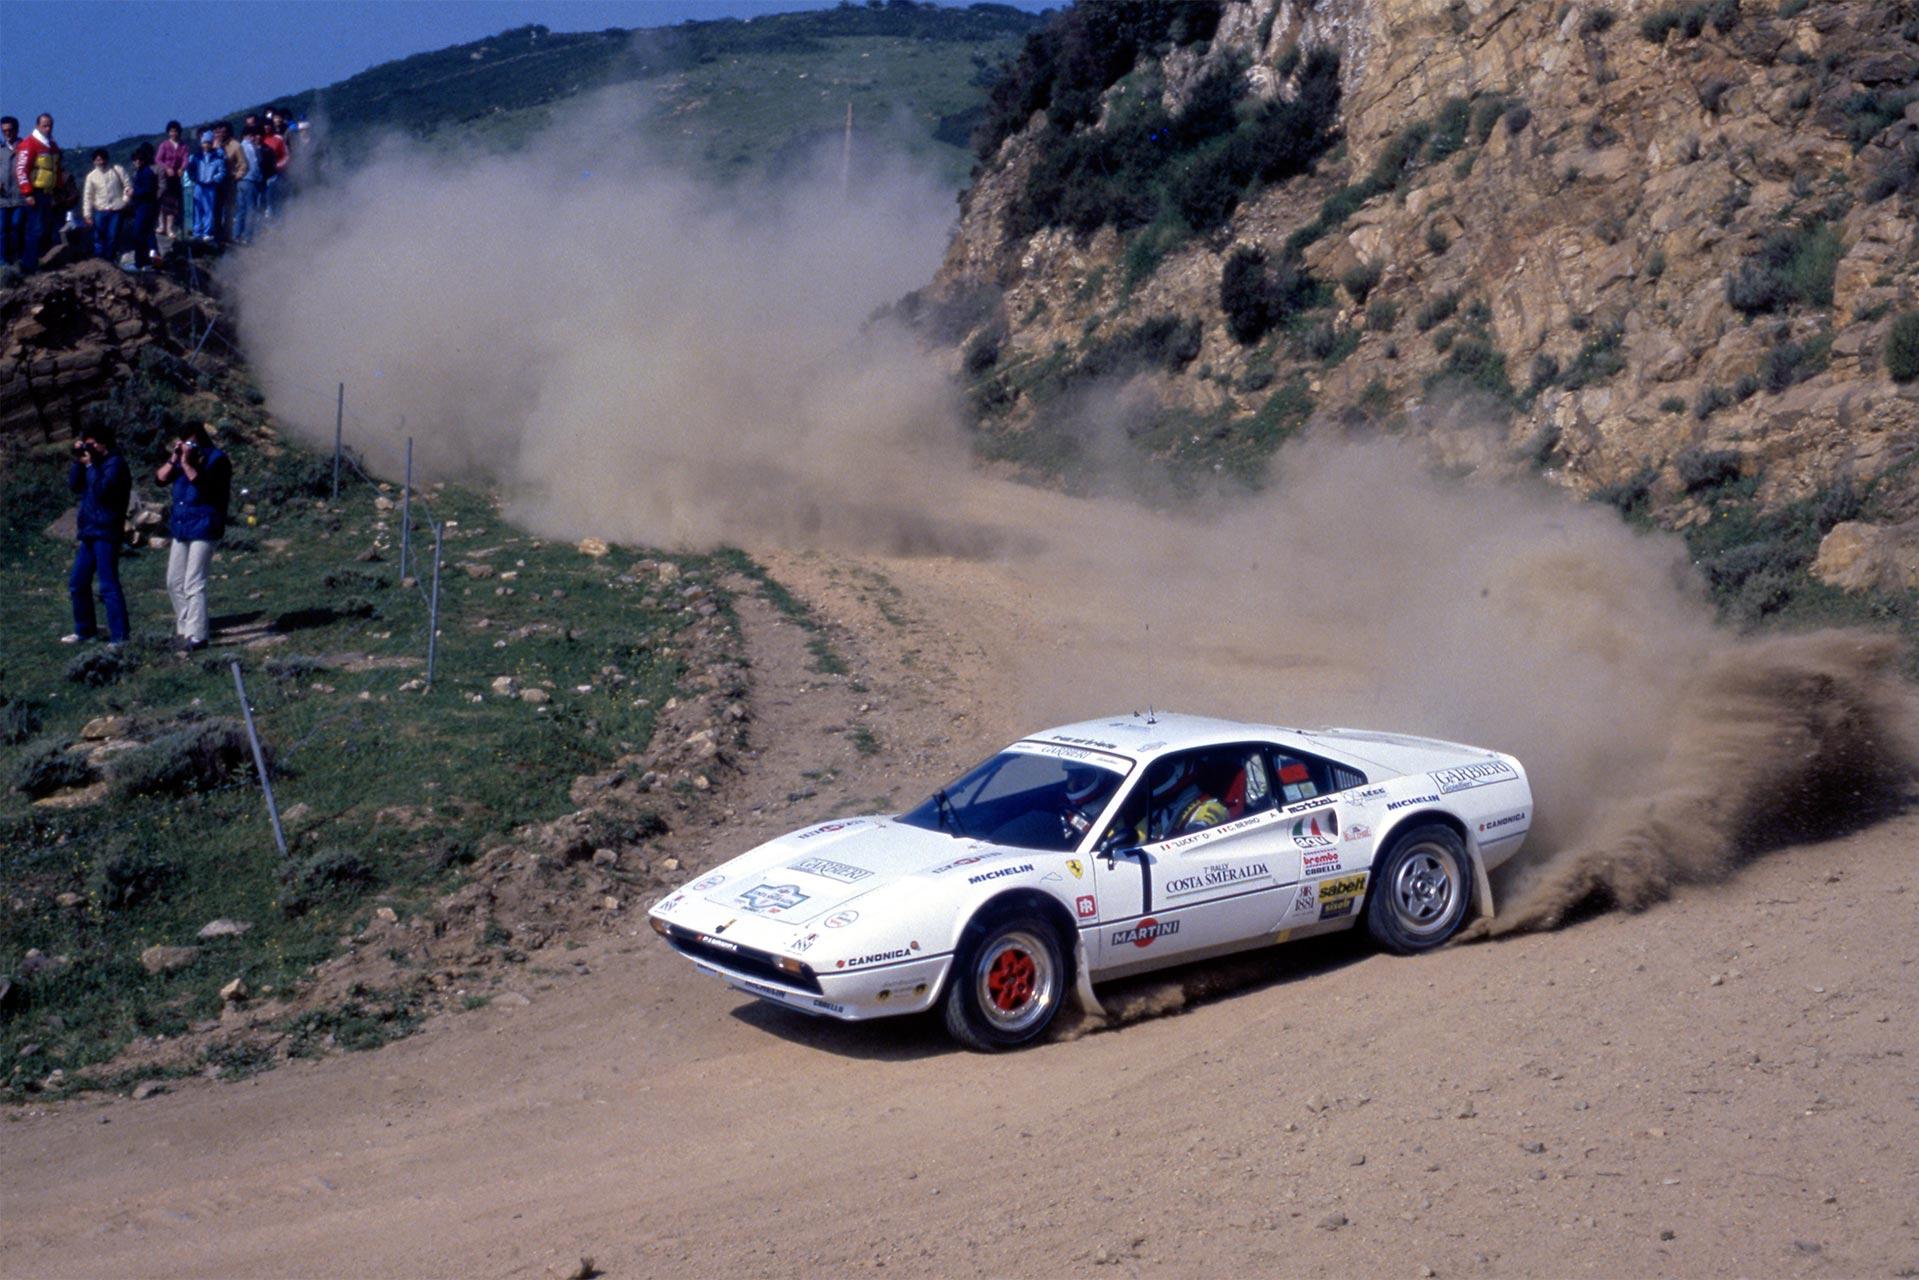 Ferrari-308-GTB-Michelotto-Group-B-for-sale-8